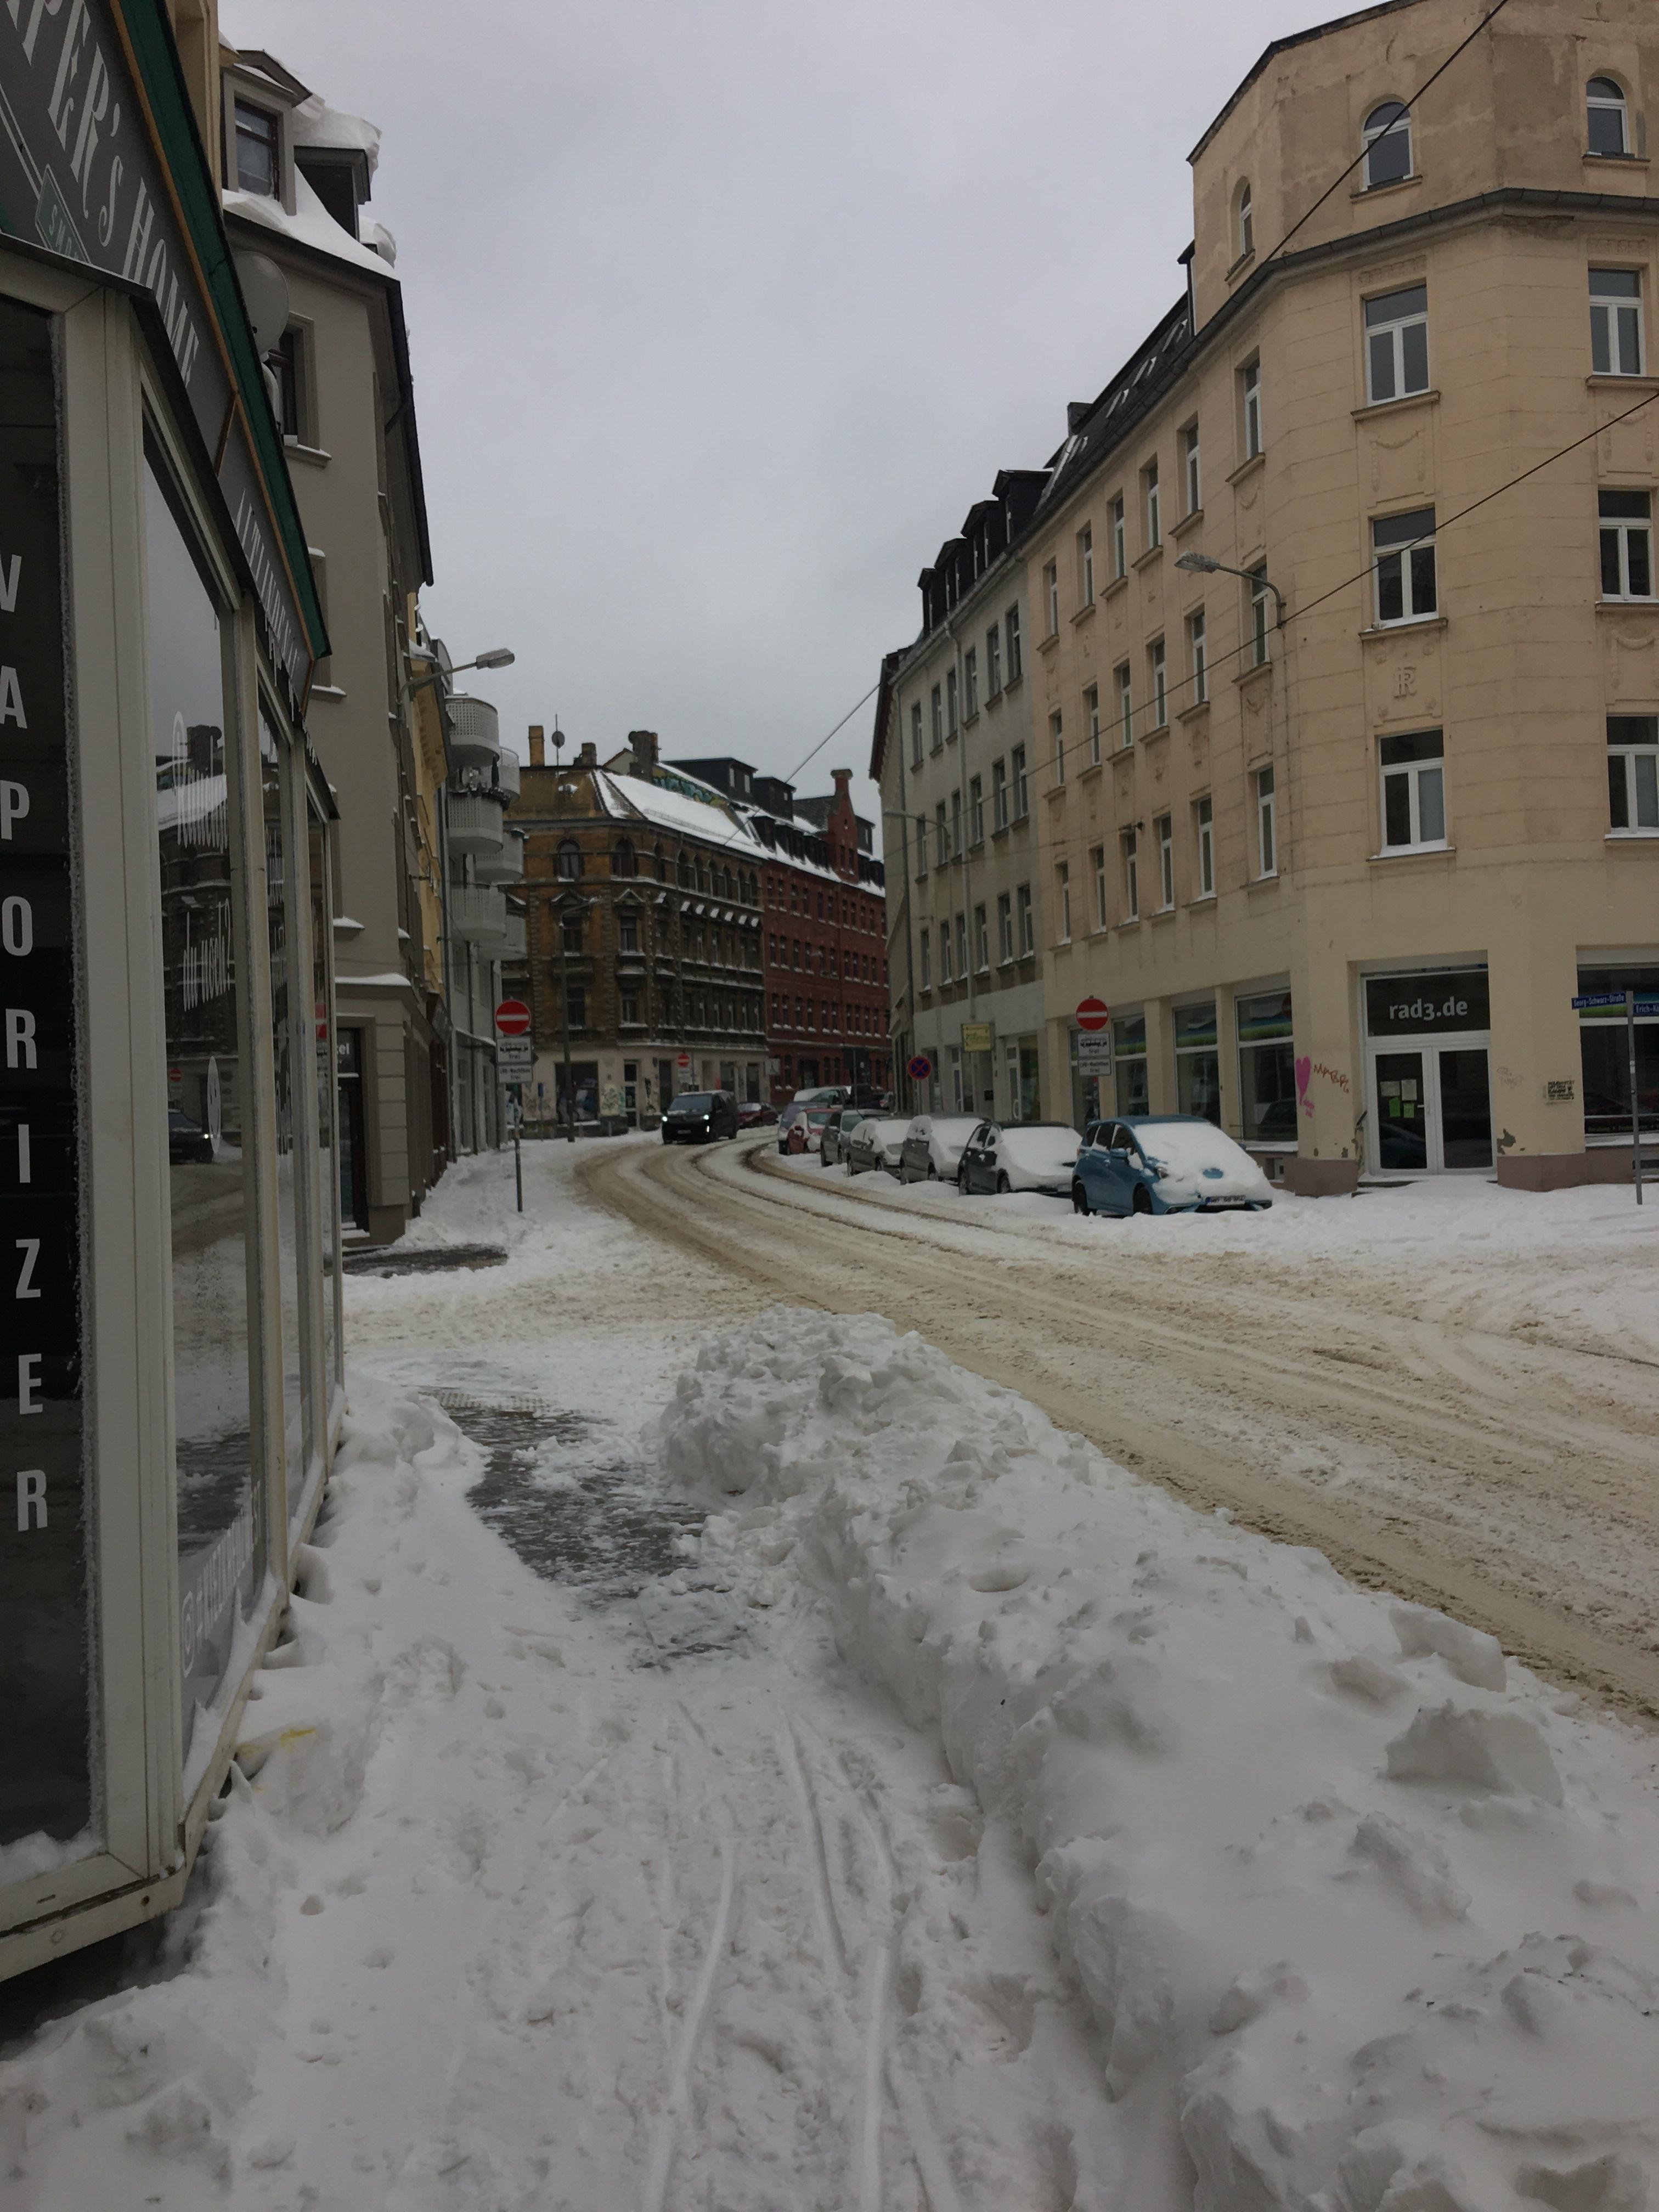 Rekordwinter in Leipzig - Georg-Schwarz-Straße in Lindenau